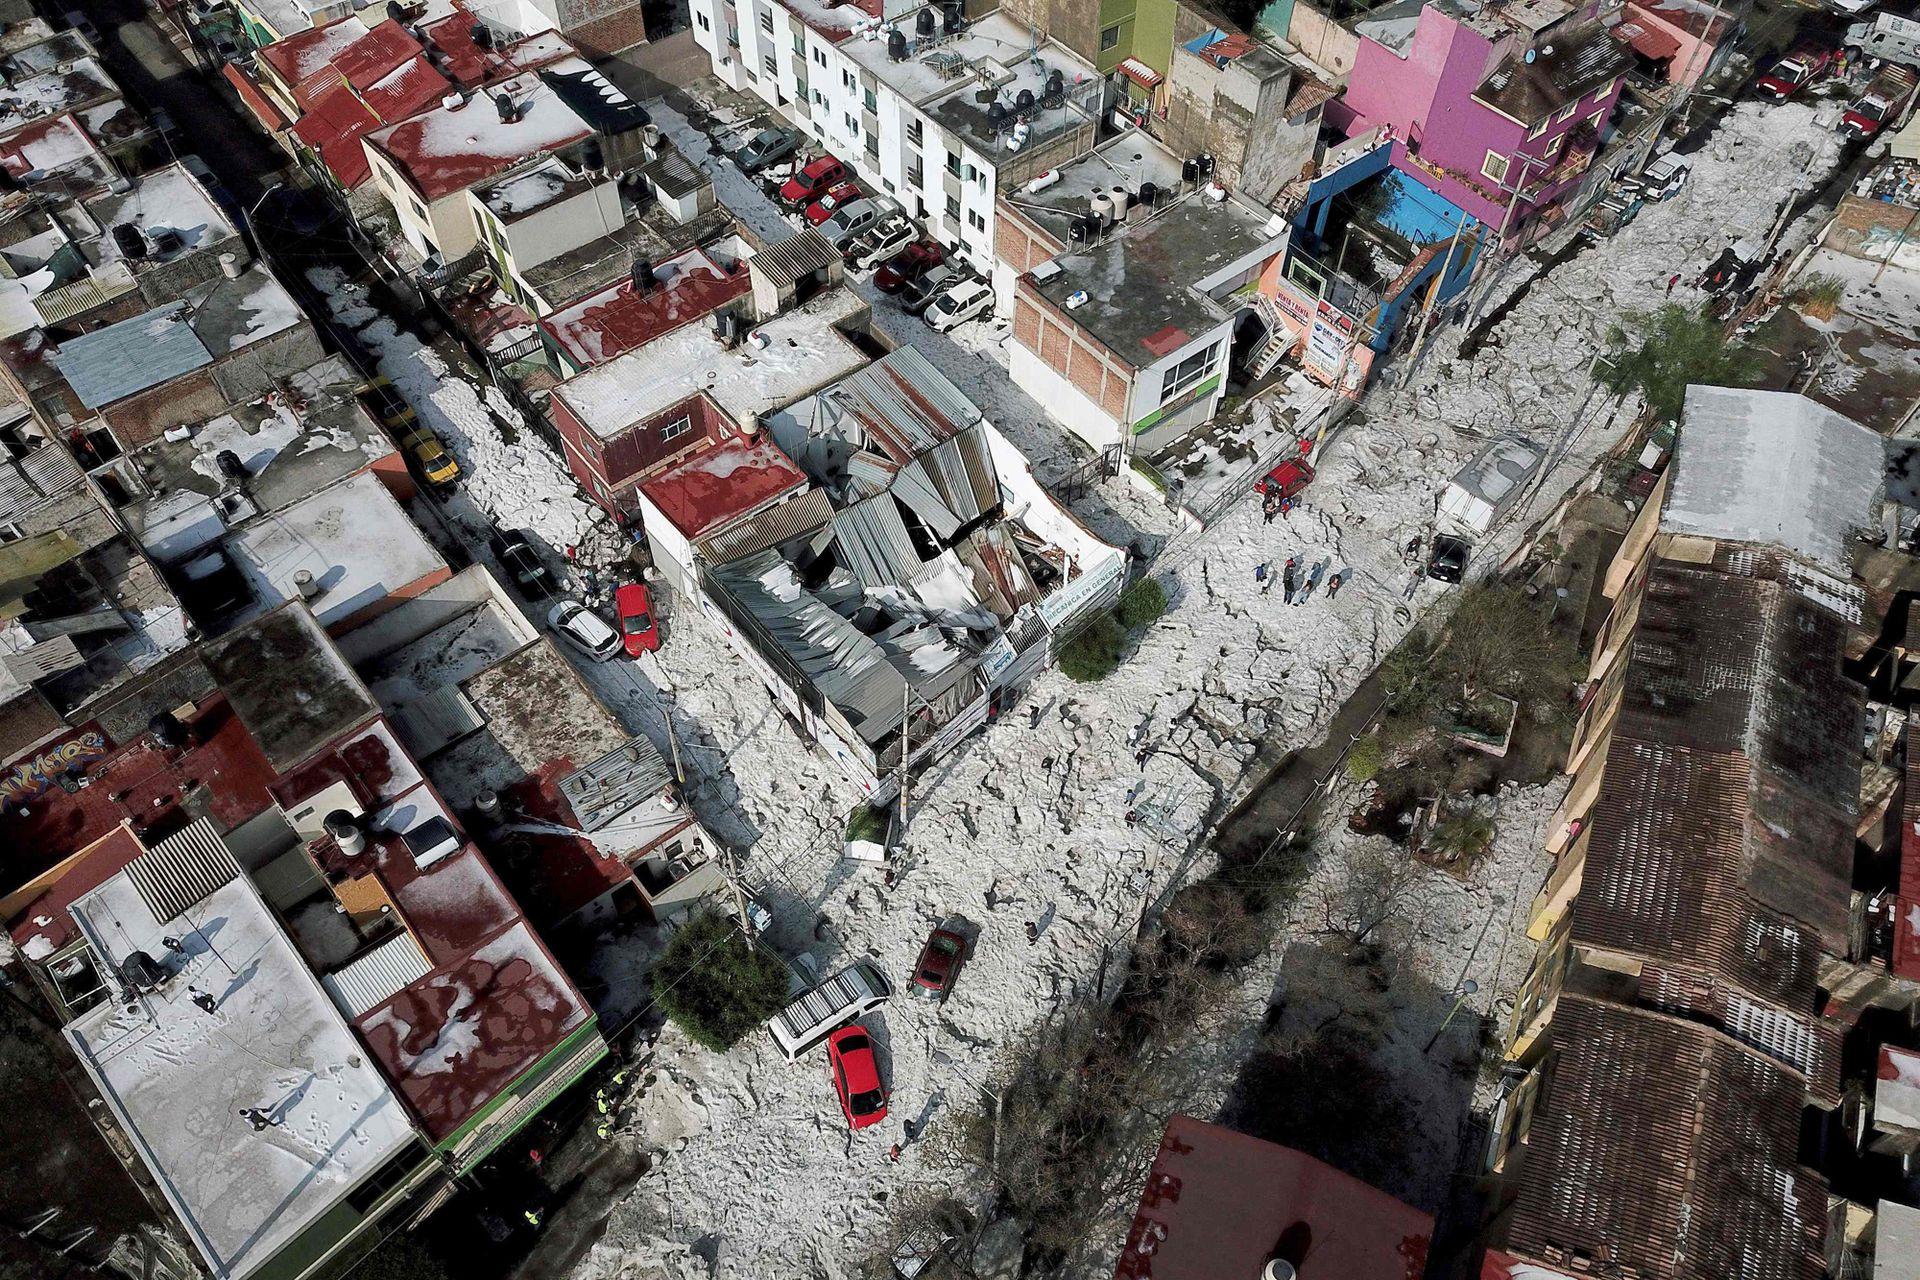 Muchos de los habitantes de la ciudad al ver semejante fenómeno se dieron cuenta que el cambio climático es una realidad